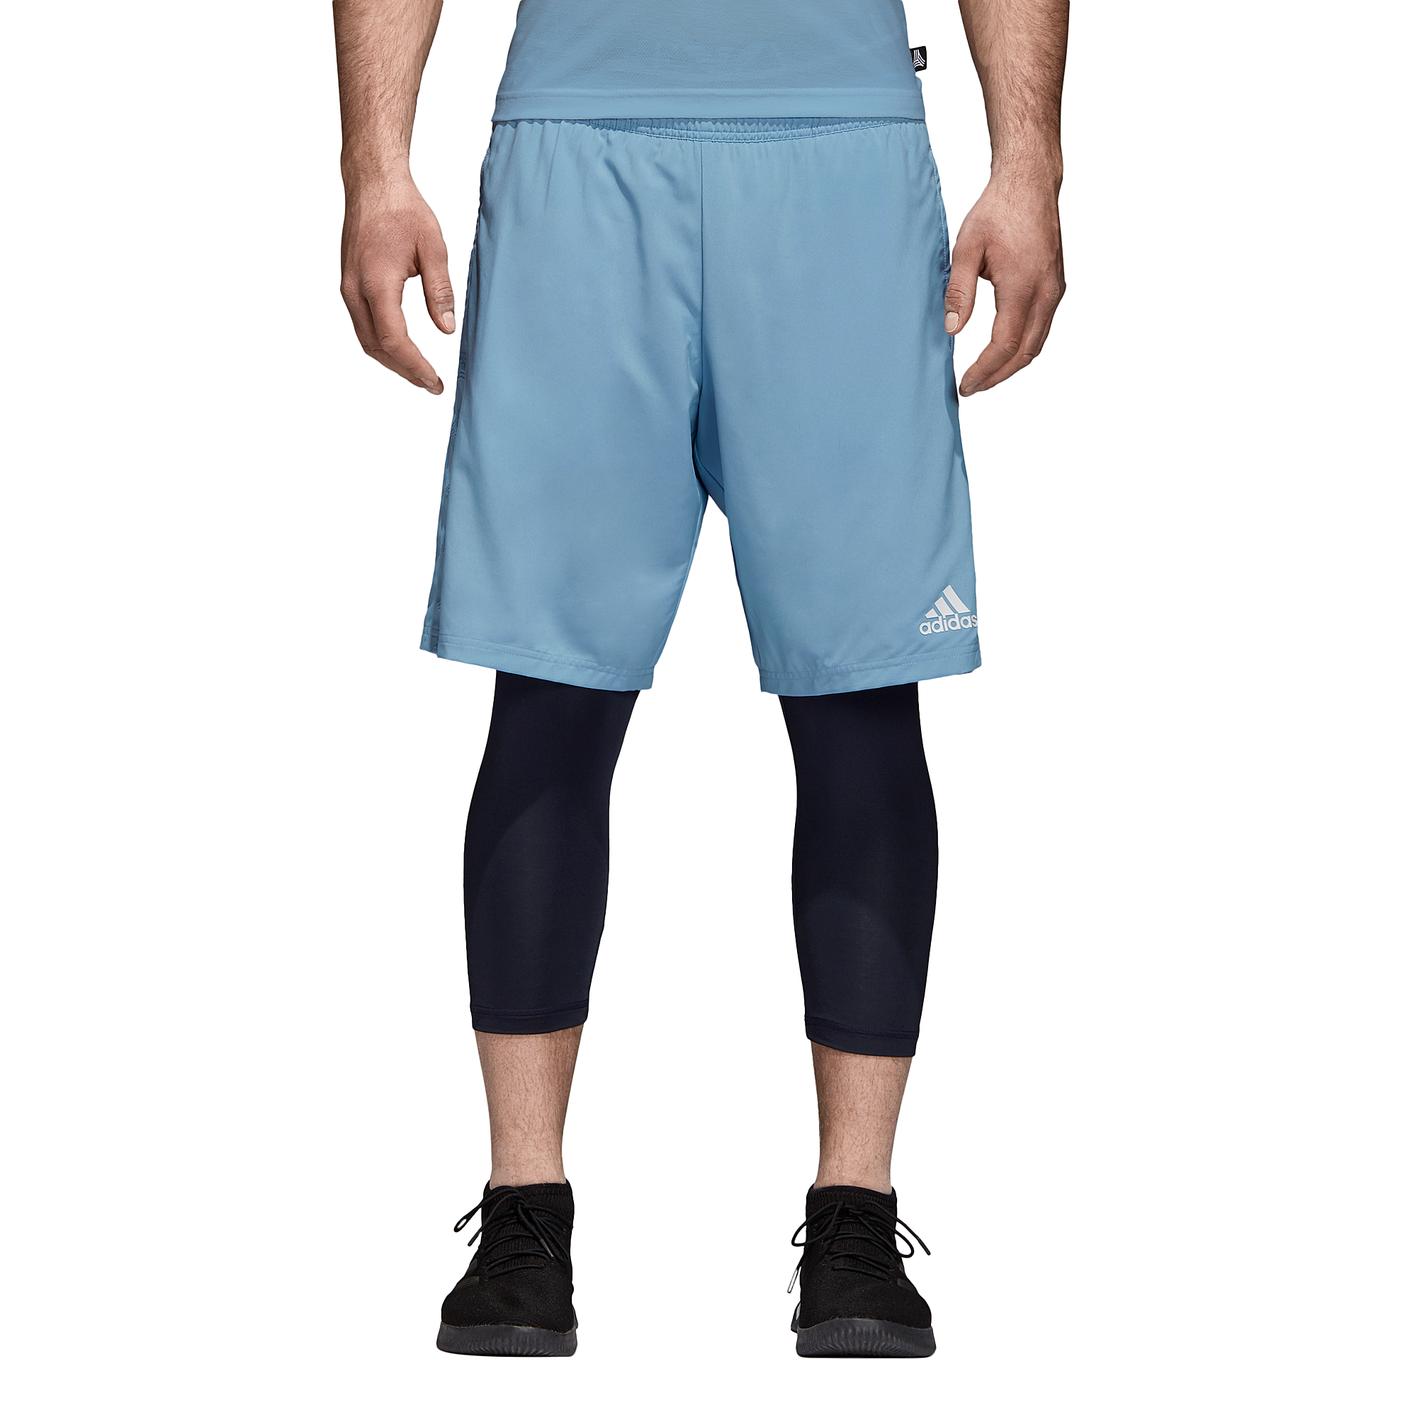 b81b4d6bdfb9 adidas Tango Shorts - Men s - Soccer - Clothing - Ash Blue